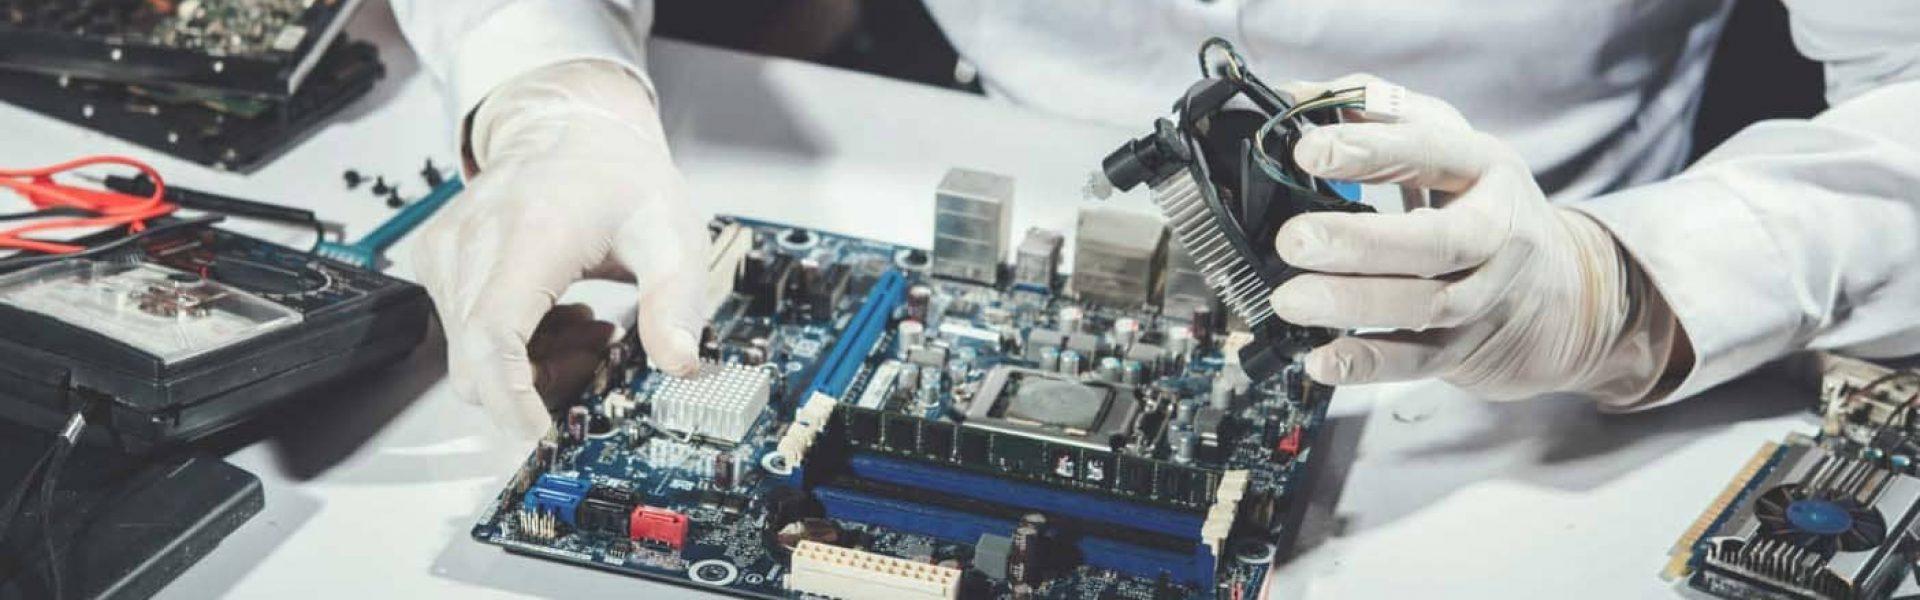 Reparación de ordenadores en Navacerrada con desplazamiento gratuito